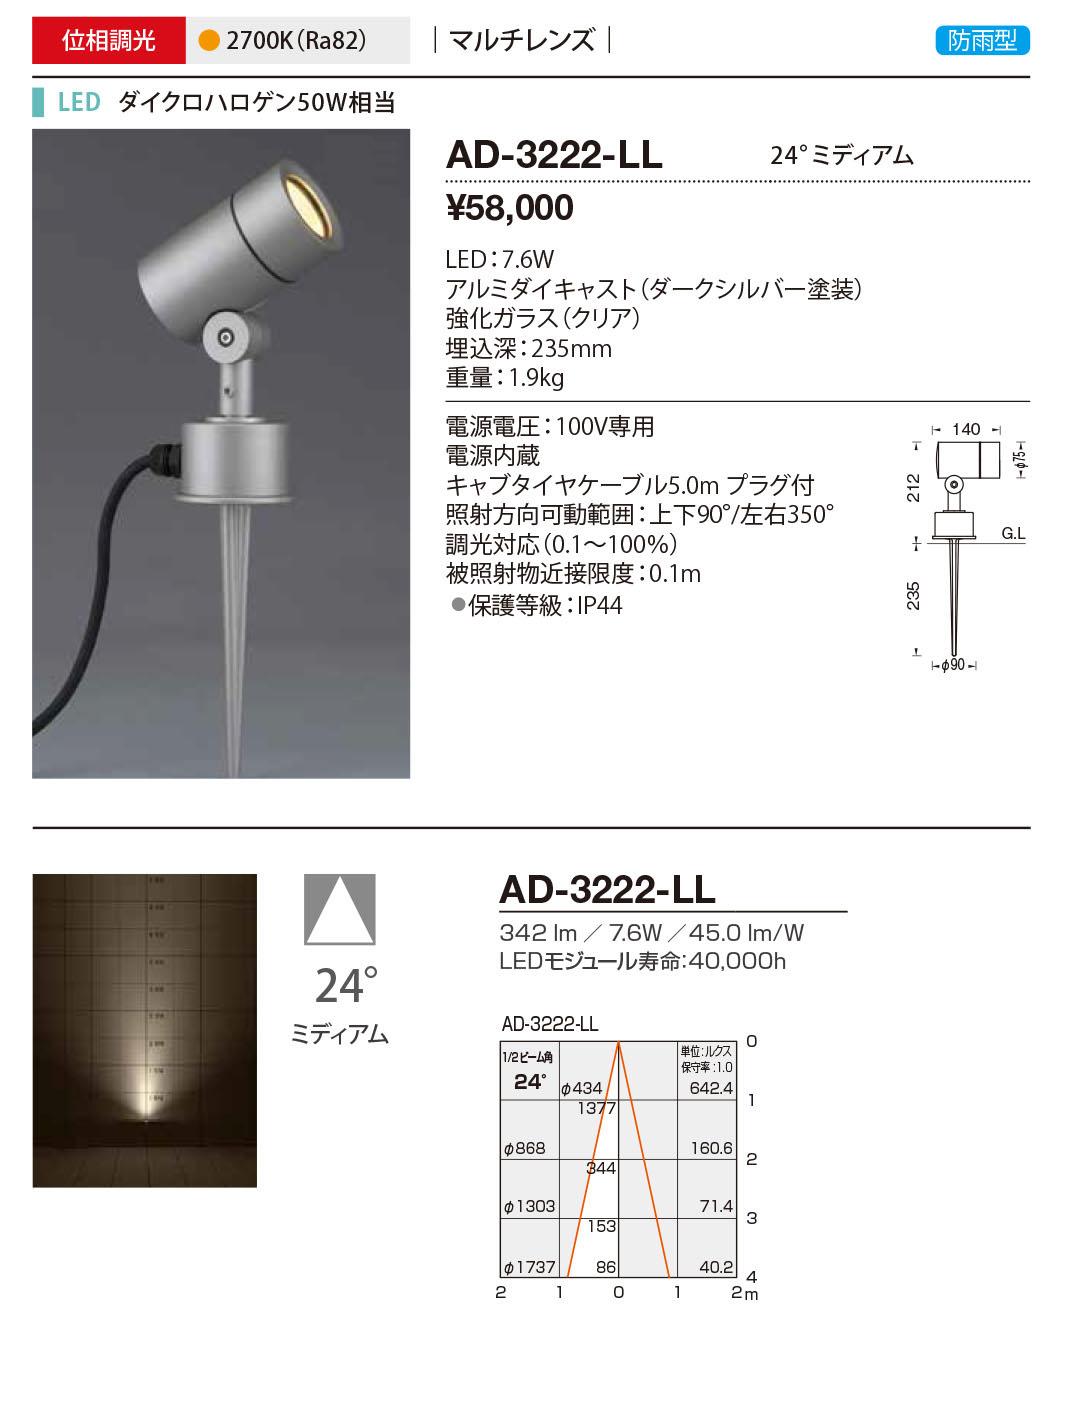 AD-3222-LL 山田照明 照明器具 エクステリア LED一体型スポットライト ディマブル75 調光 マルチレンズ 防雨型 ミディアム ダイクロハロゲン50W相当 電球色 AD-3222-LL